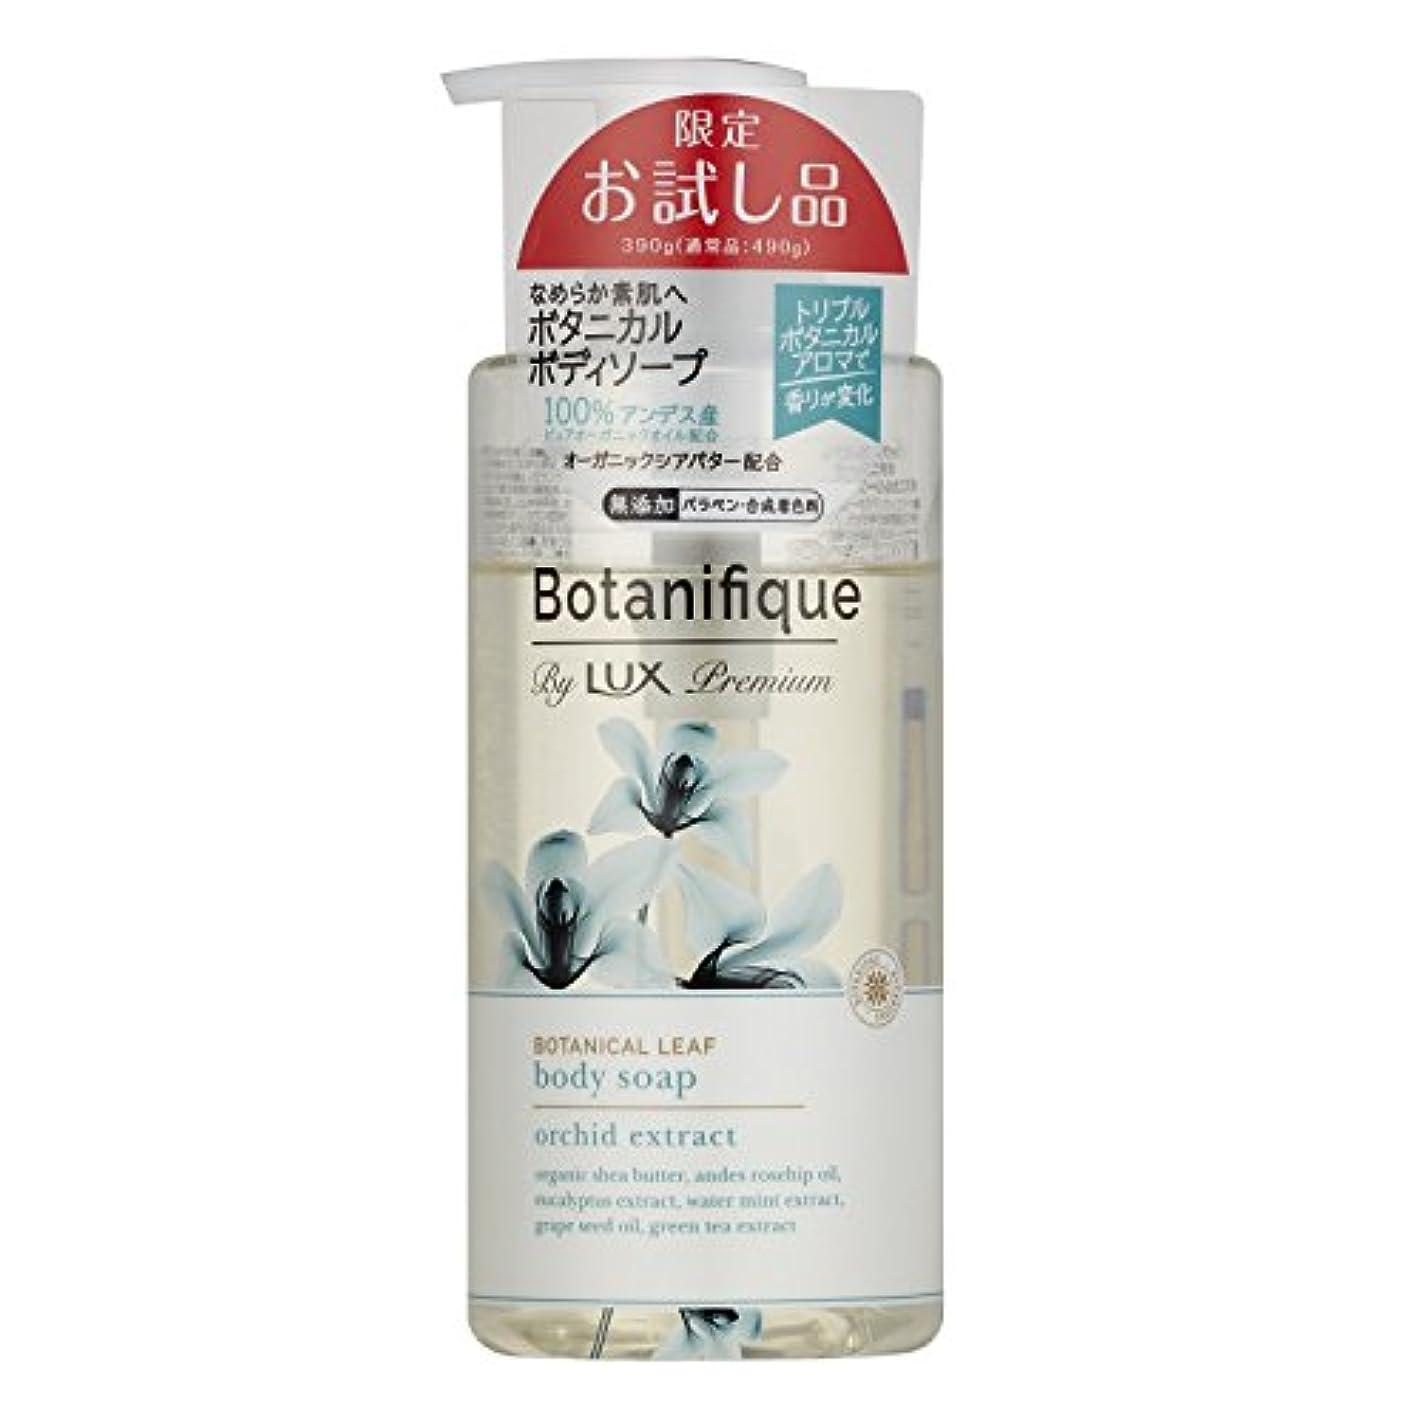 傑出した別々に価格ラックス プレミアム ボタニフィーク ボタニカルリーフ ボディソープ ポンプ(ボタニカルリーフの香り) お試し品 390g